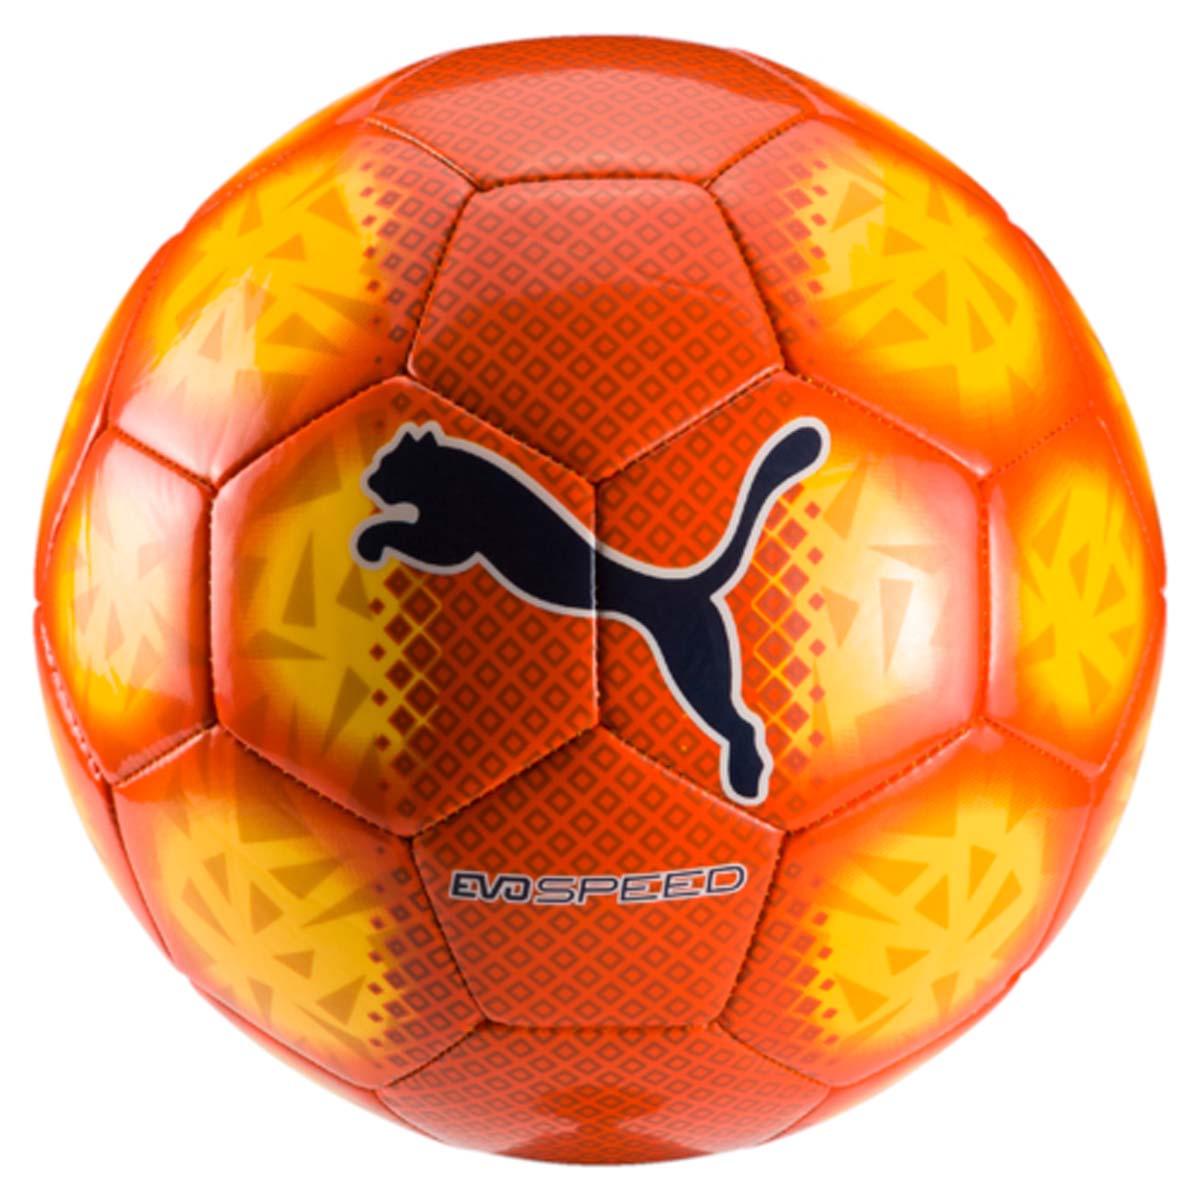 Мяч футбольный Puma Evospeed 5.5 Fade Ball, цвет: оранжевый. 08265806. Размер 5